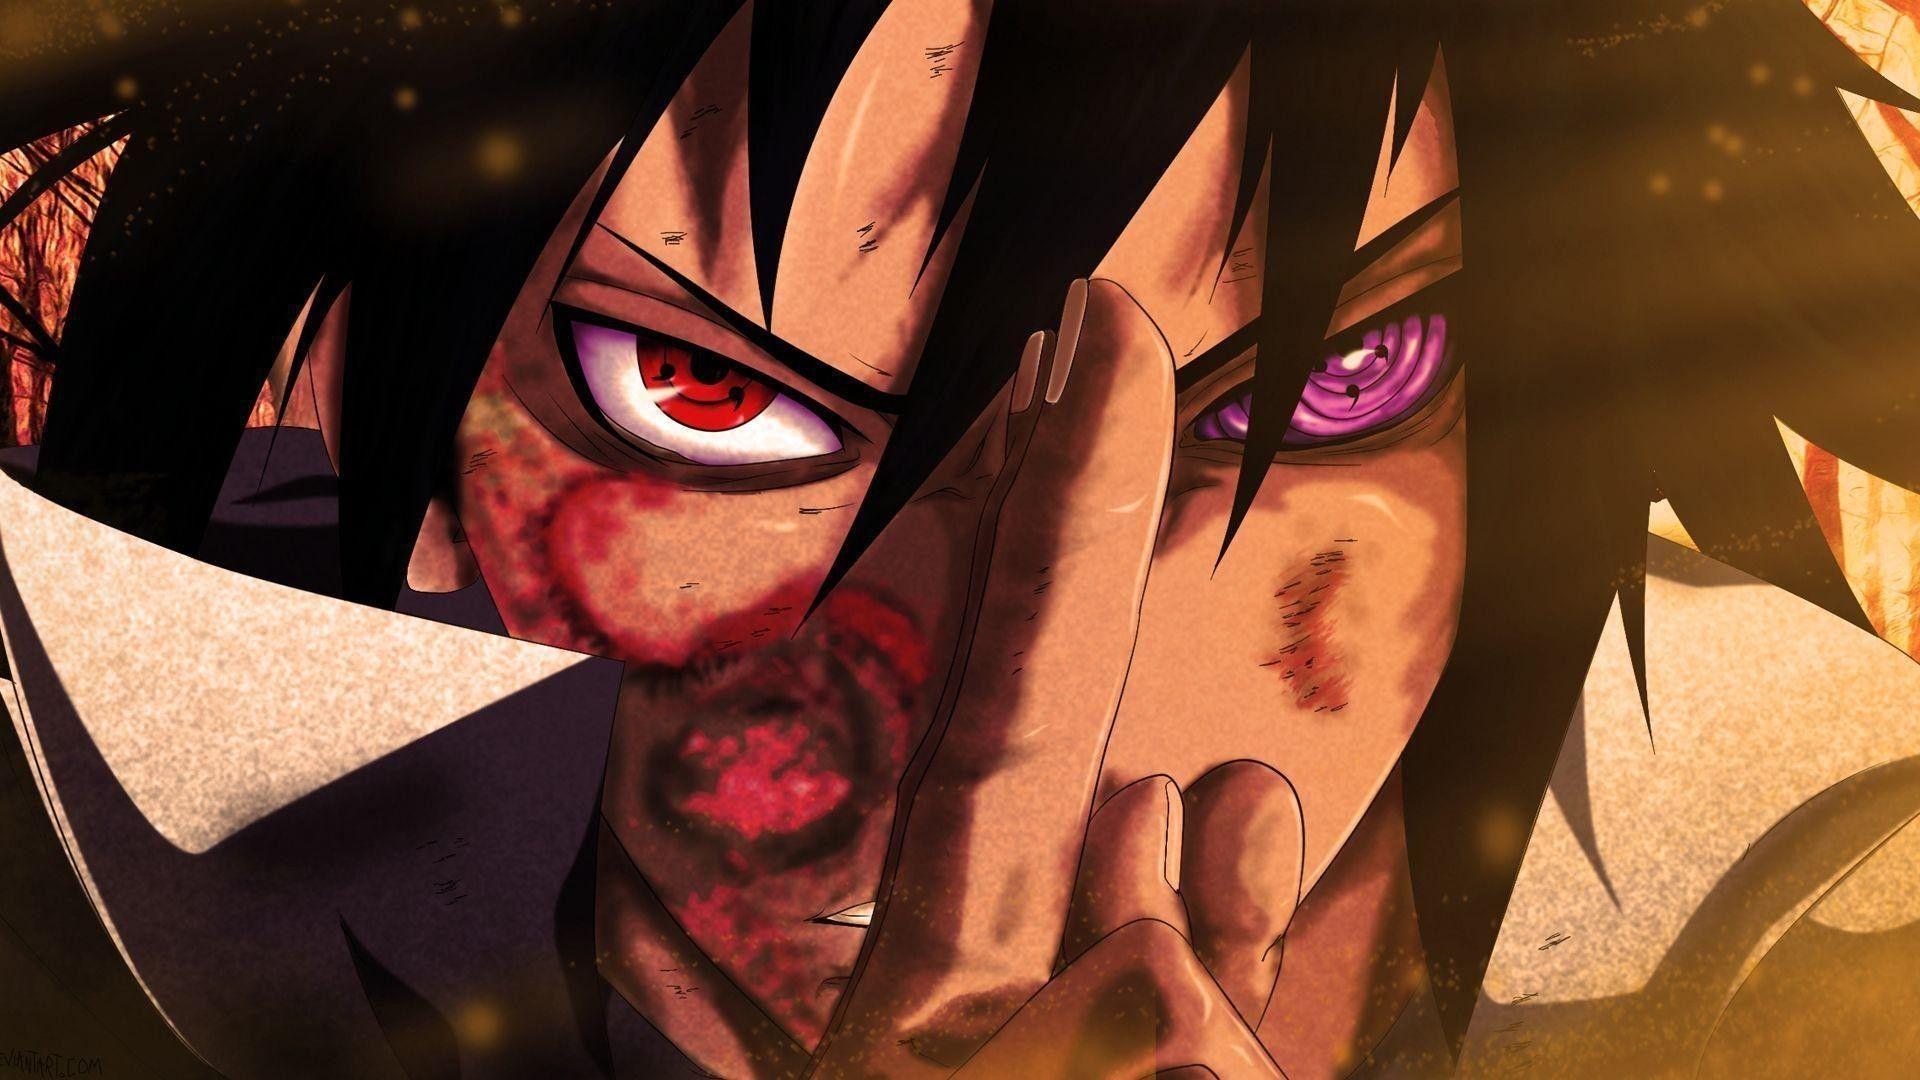 Unique Naruto And Sasuke Wallpaper 1080p Di 2020 Naruto And